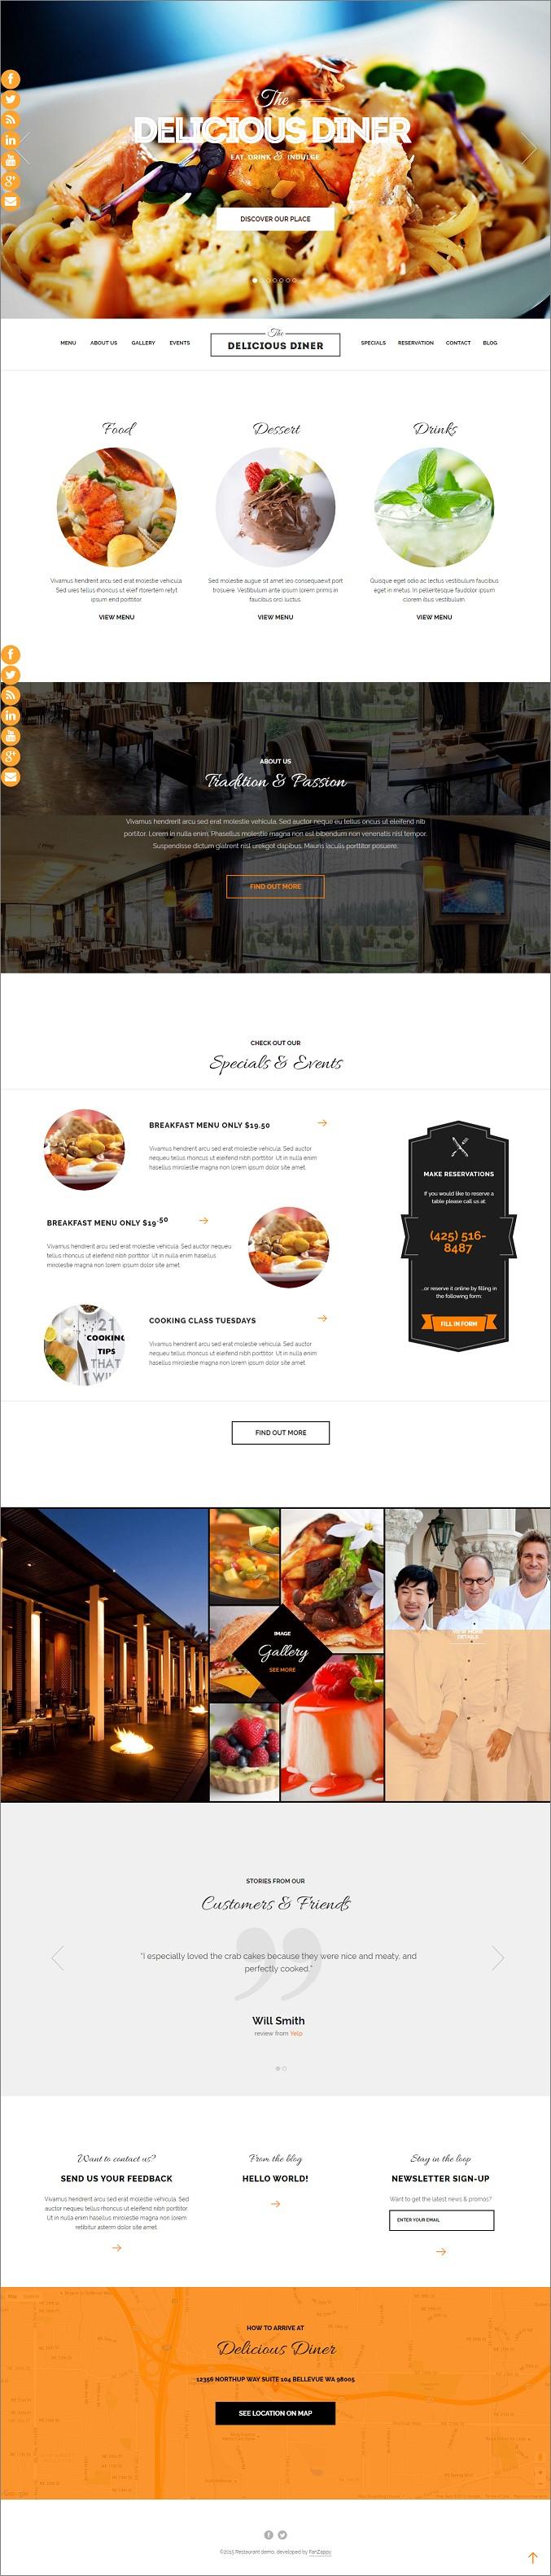 Delicious Website